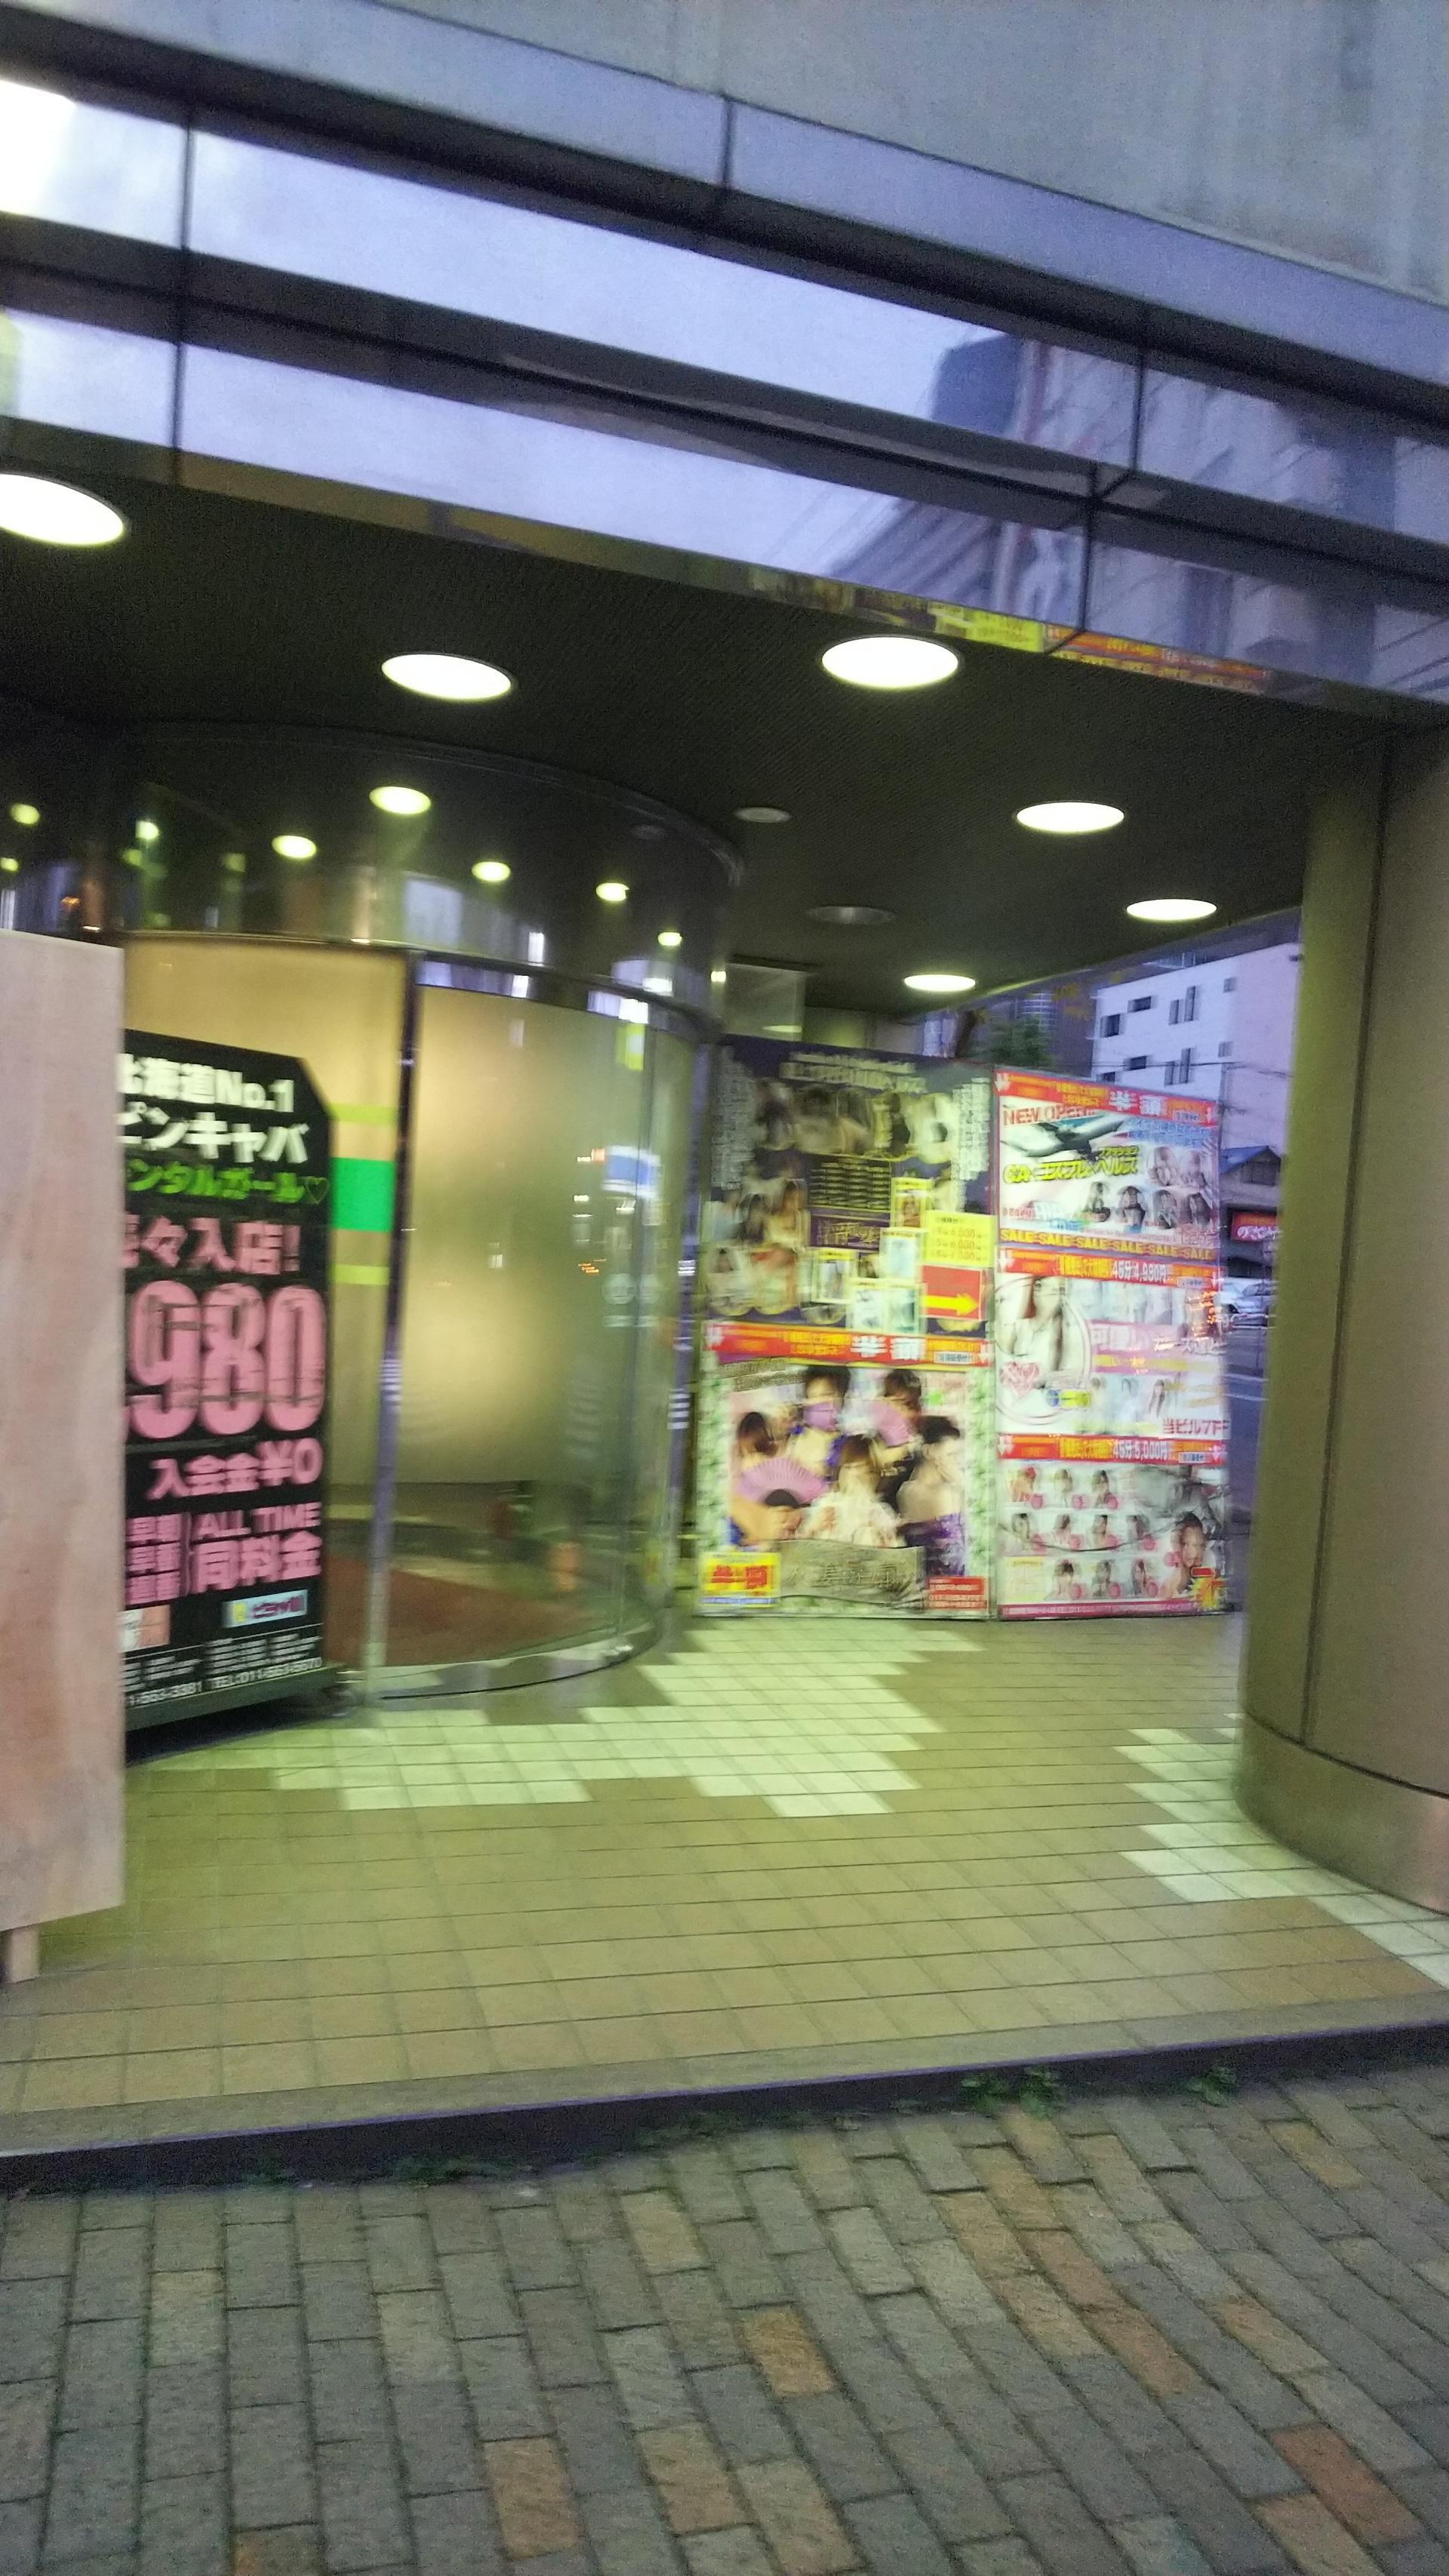 「お店は…」11/12(月) 16:26 | ちはるの写メ・風俗動画